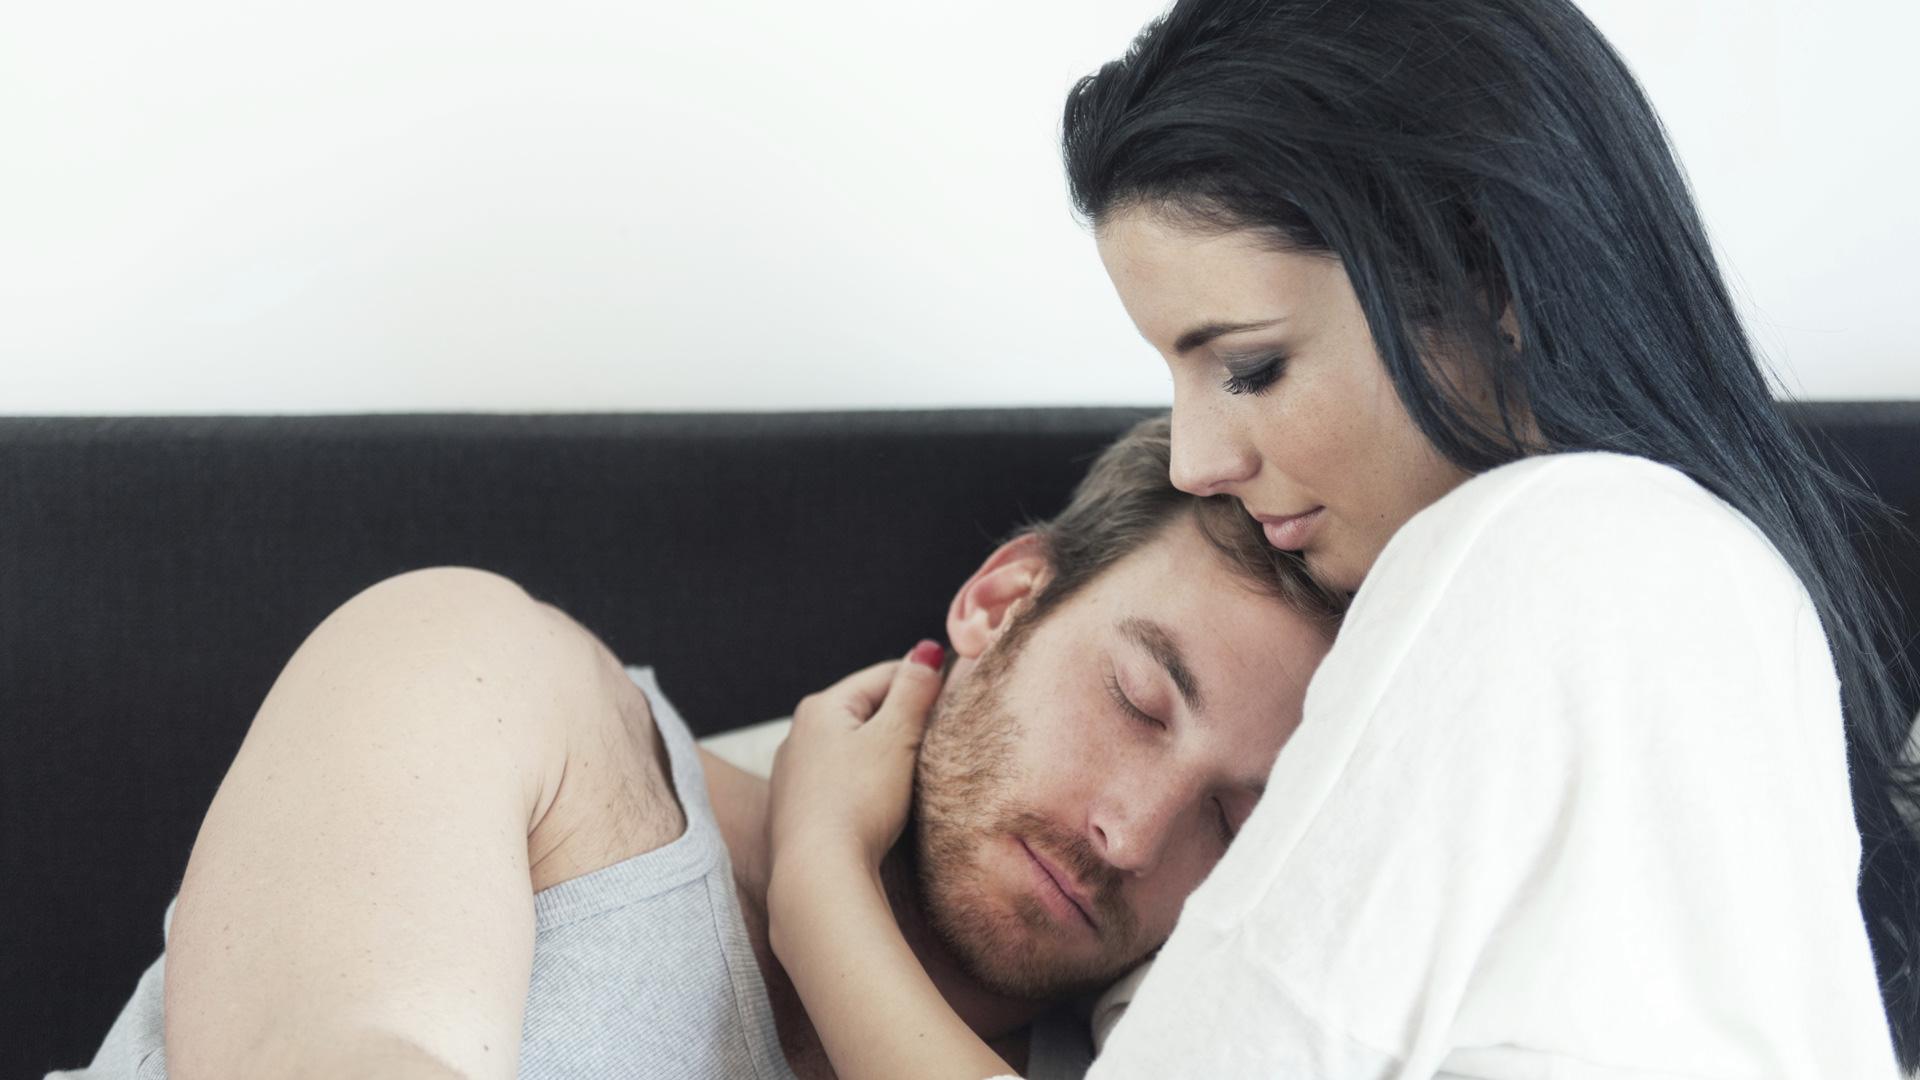 брак, женщина любит и заботится о мужчине, счастье женщины